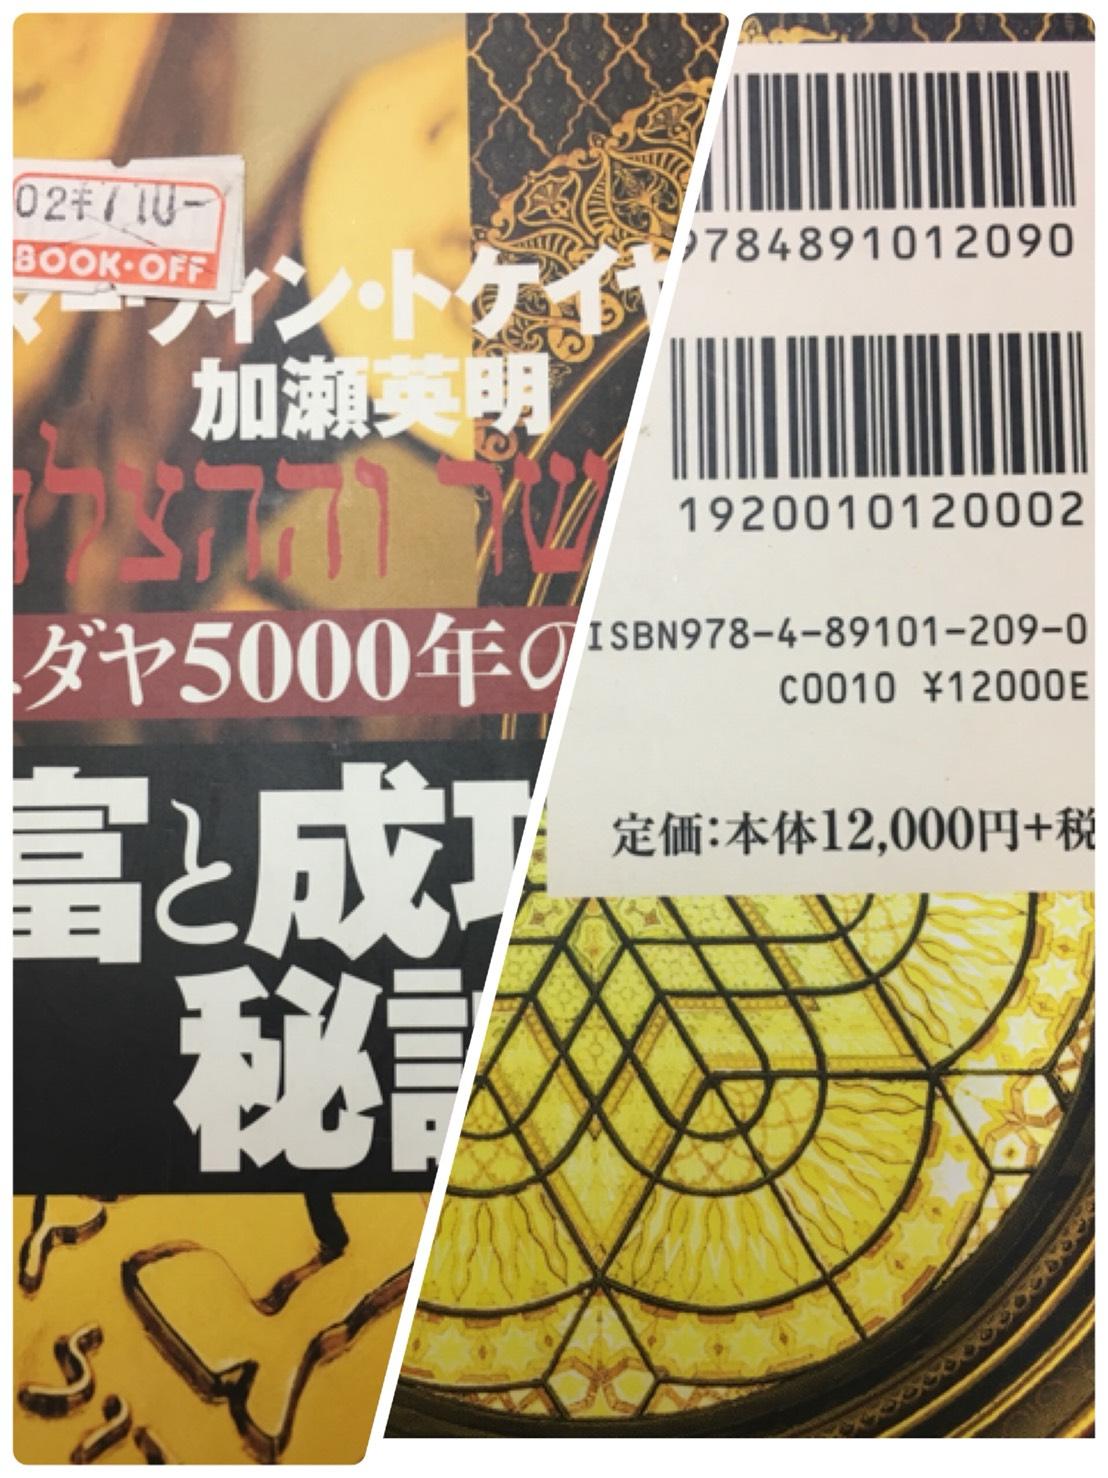 710円 → 10,746円の単行本。